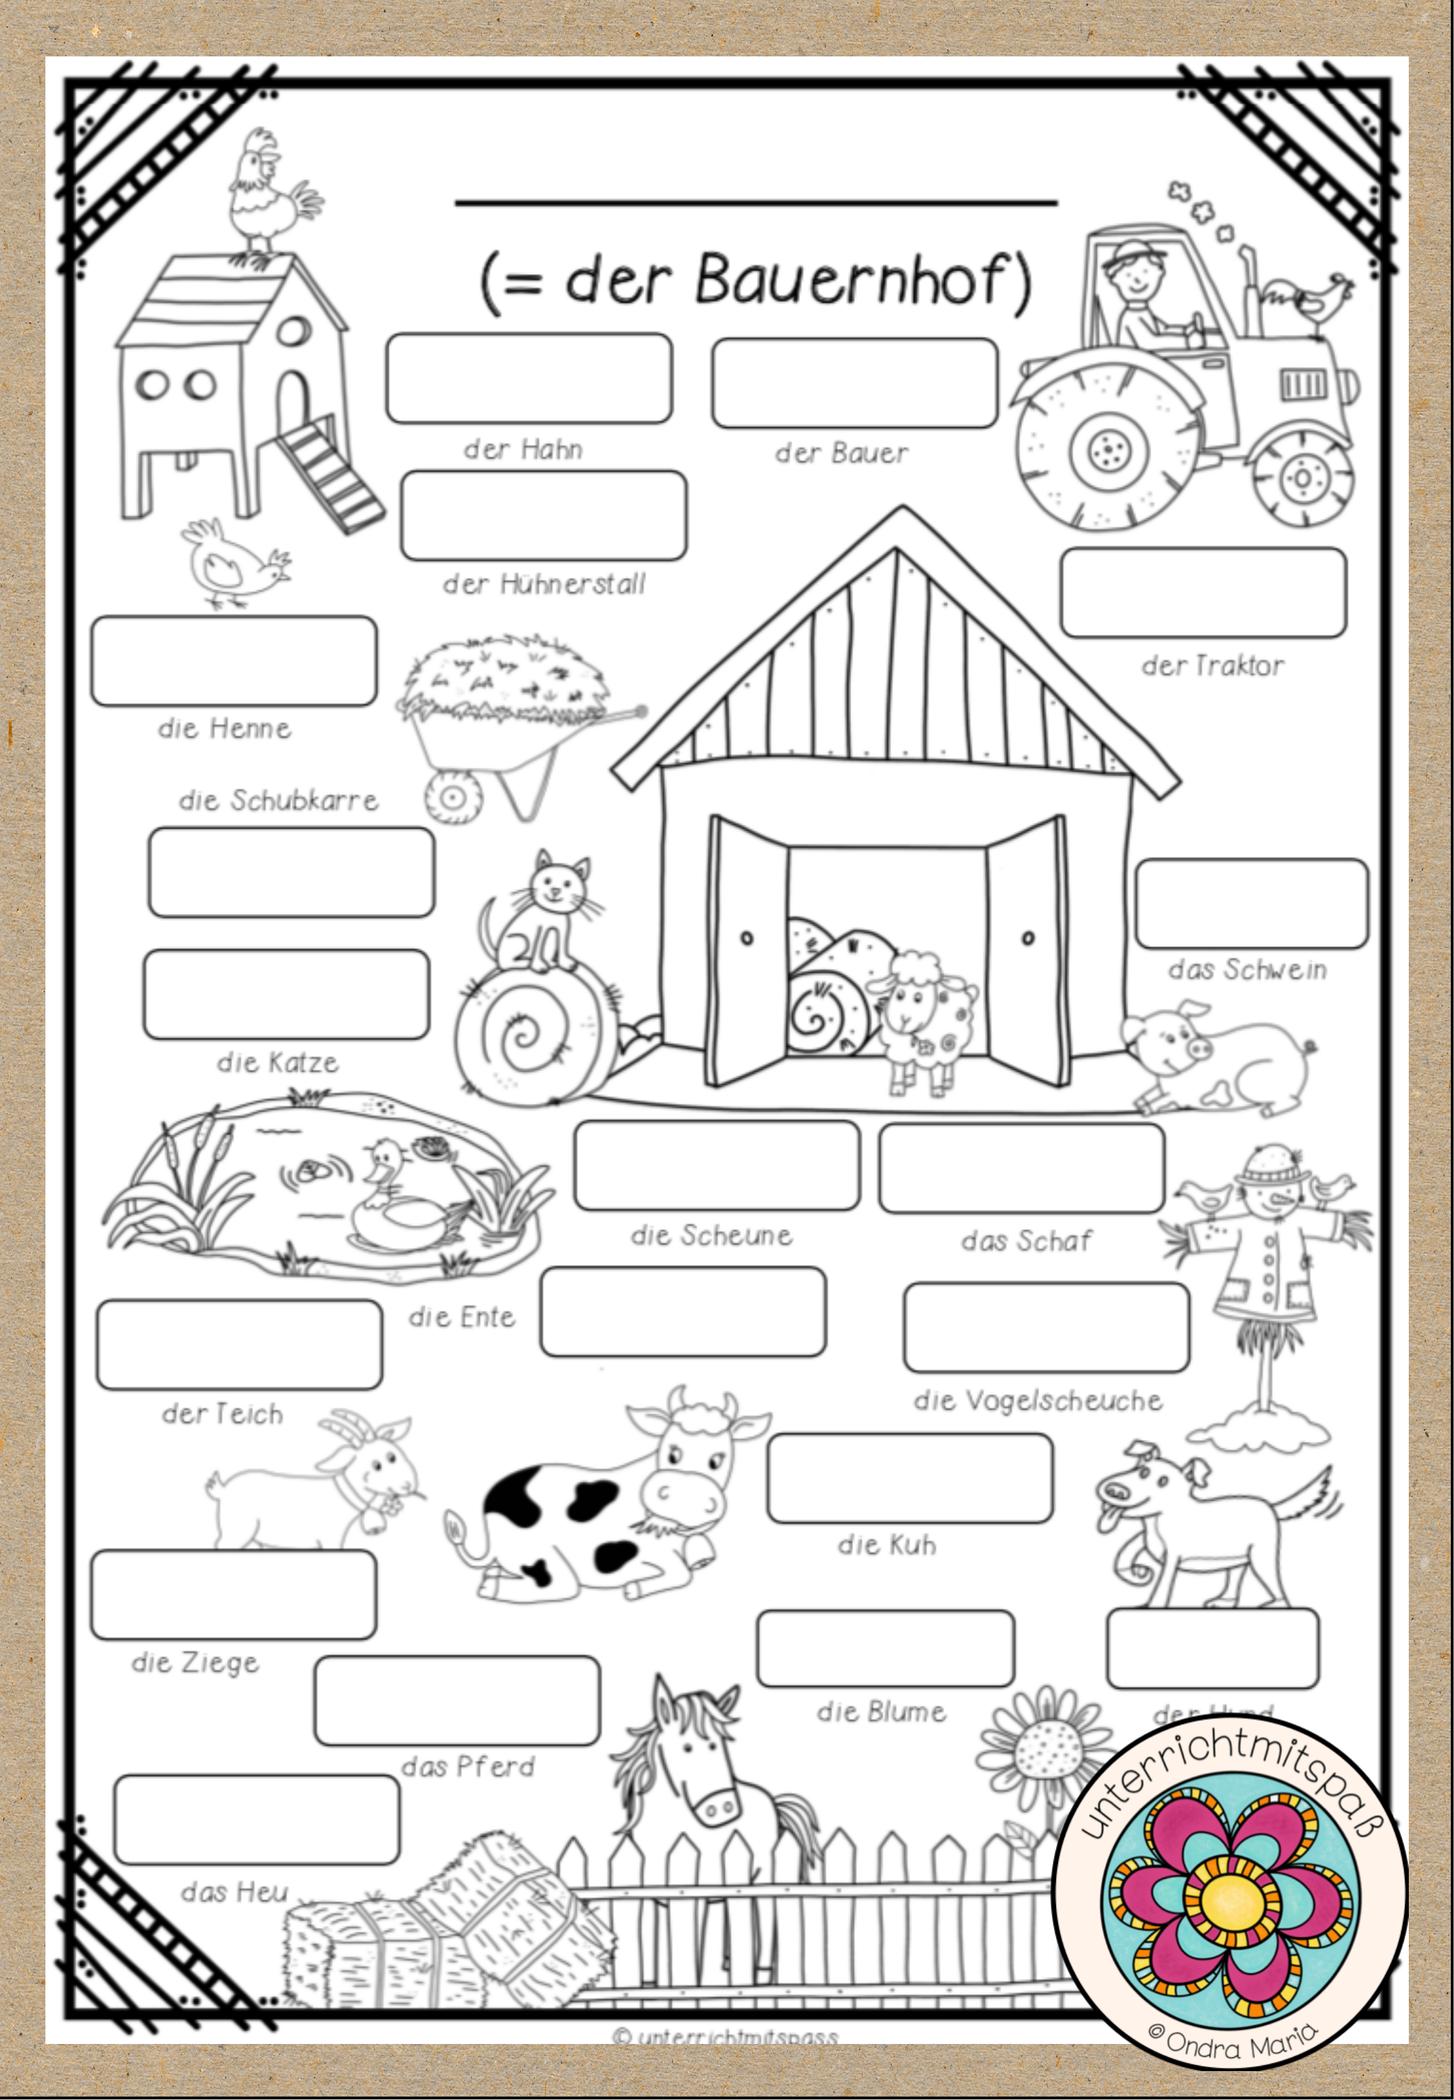 Der Bauernhof Bildworterbuch Unterrichtsmaterial In Den Fachern Daz Daf Englisch Franzosisch Spanisch Bildworterbuch Worterbuch Unterrichtsmaterial